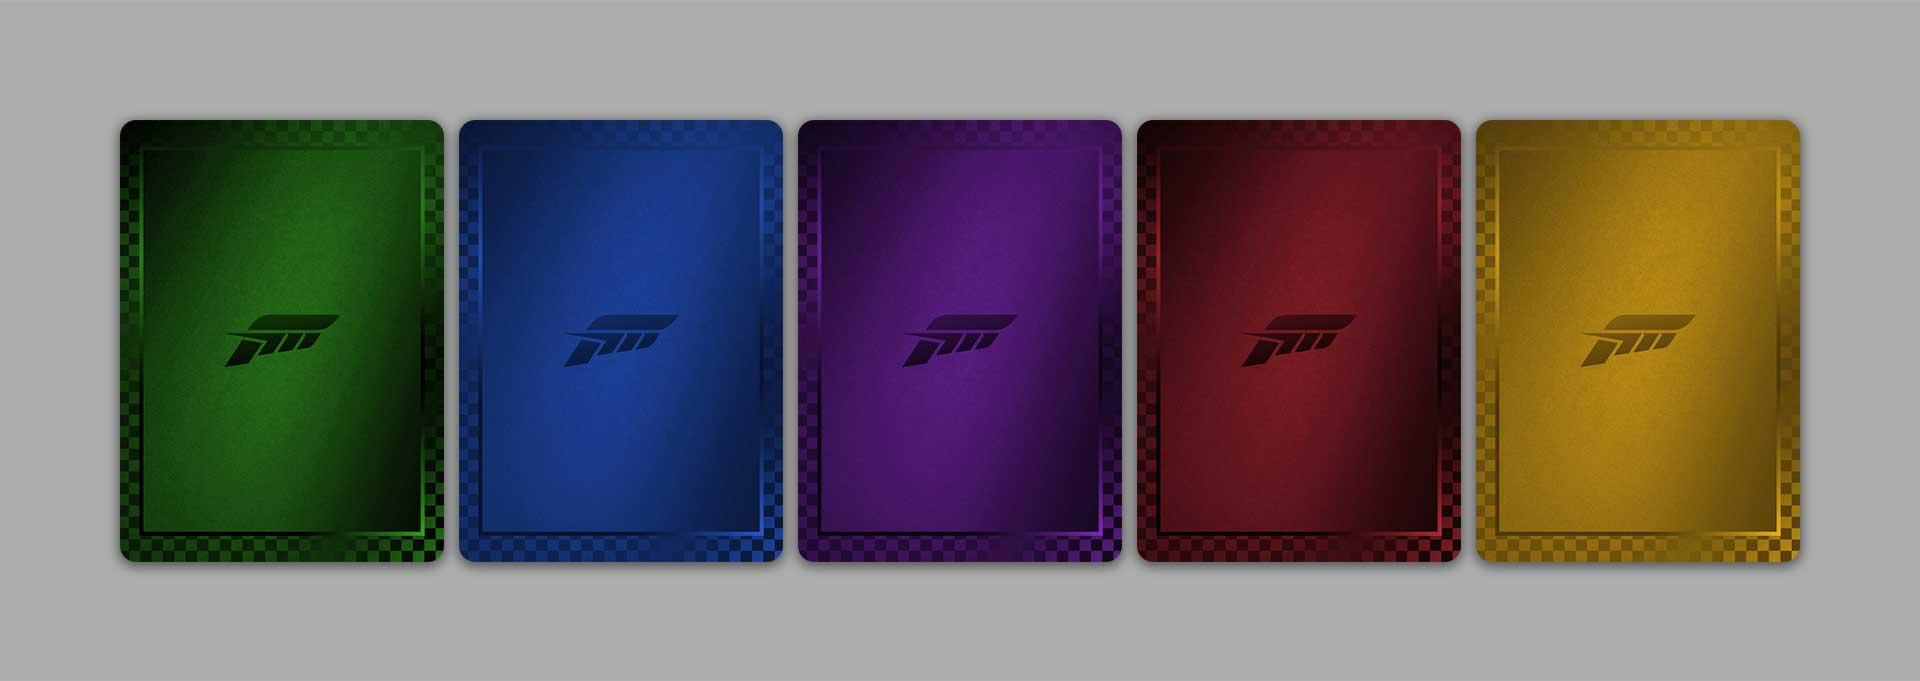 Forza_22.jpg